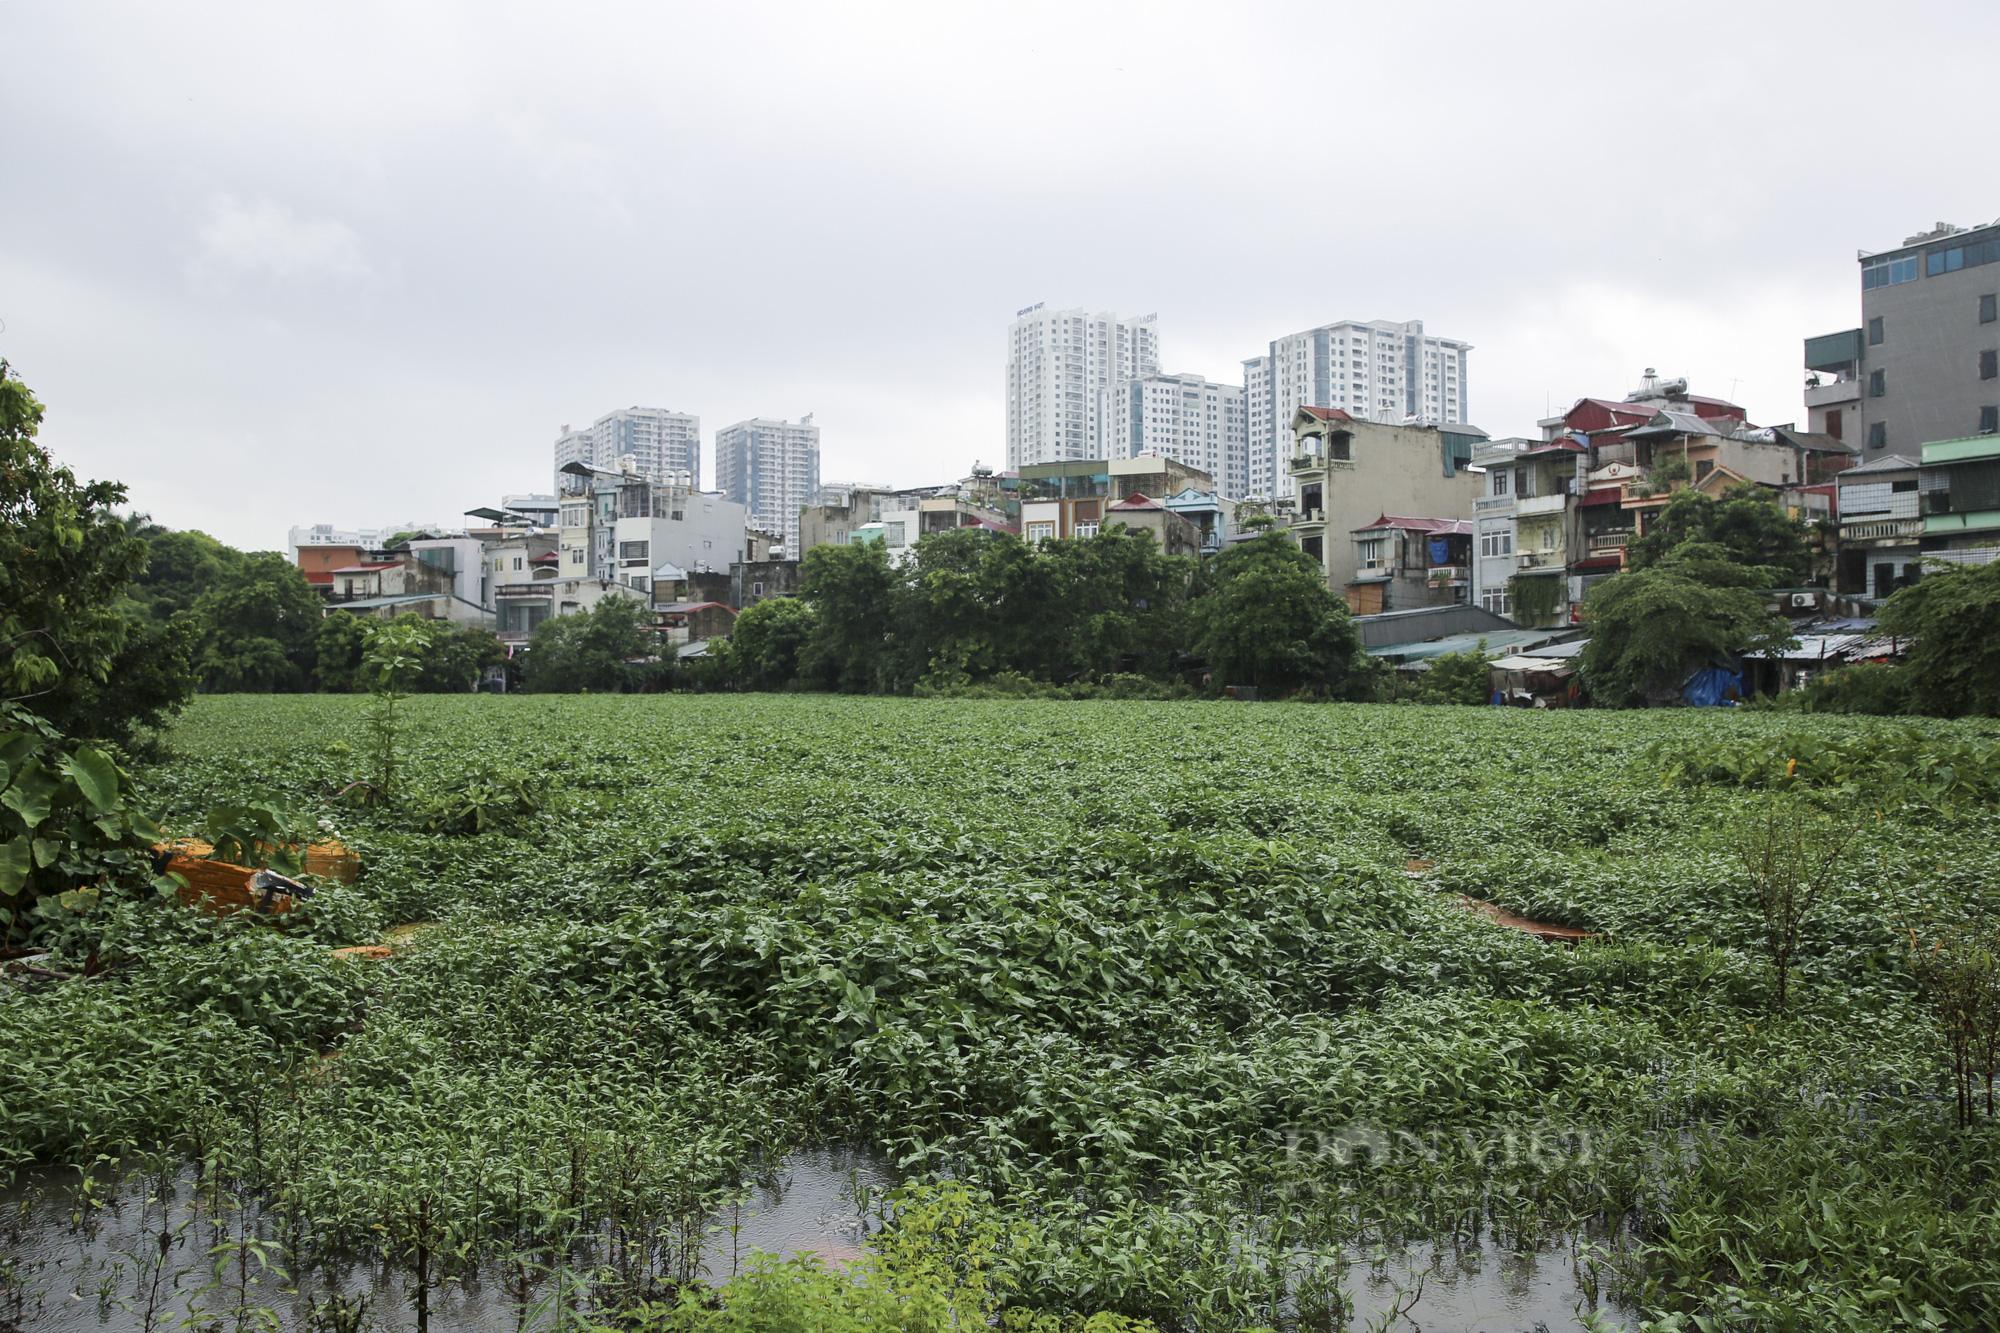 """""""Giậm chân tại chỗ"""" 7 năm, một hồ nước giữa trung tâm Hà Nội bị xâm lấn, ô nhiễm nặng - Ảnh 1."""